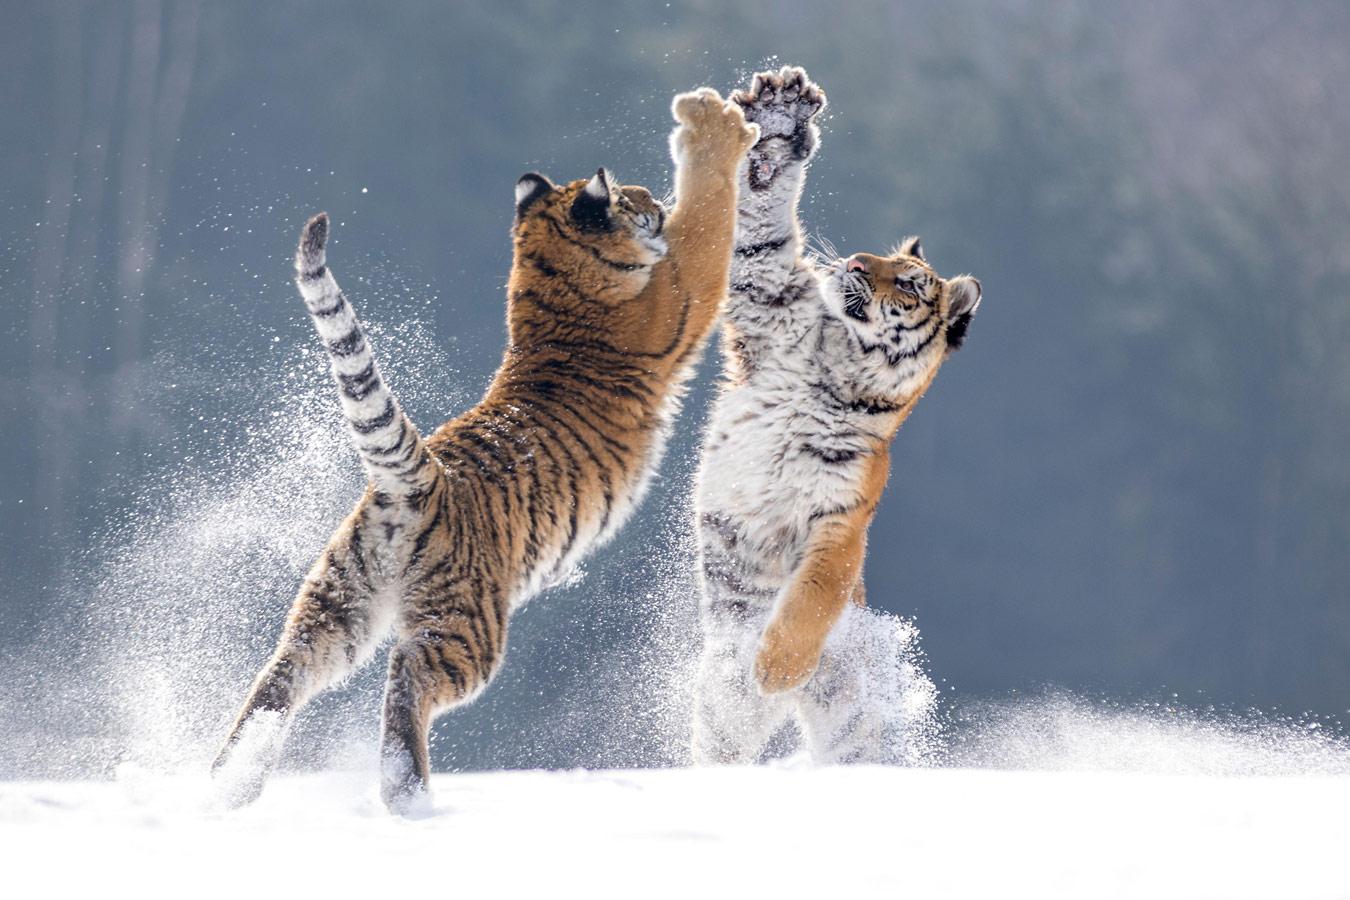 Дай пять, © Хайди Шпиглер, Животные, Фотоконкурс CEWE